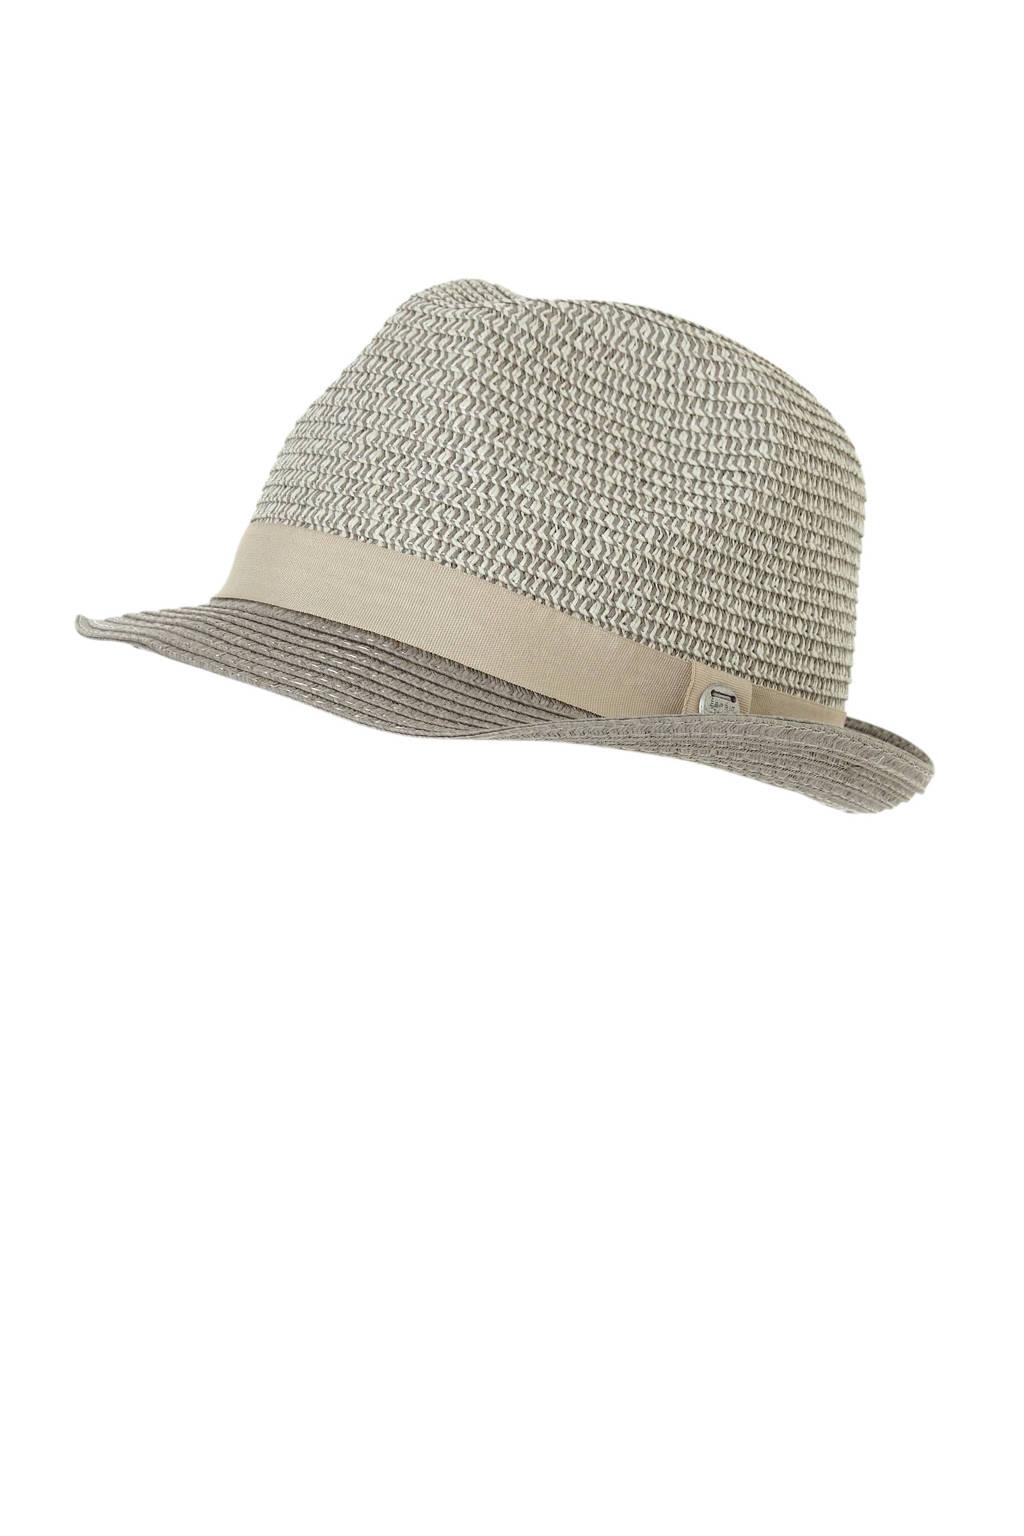 ESPRIT hoed grijs, Grijsbeige